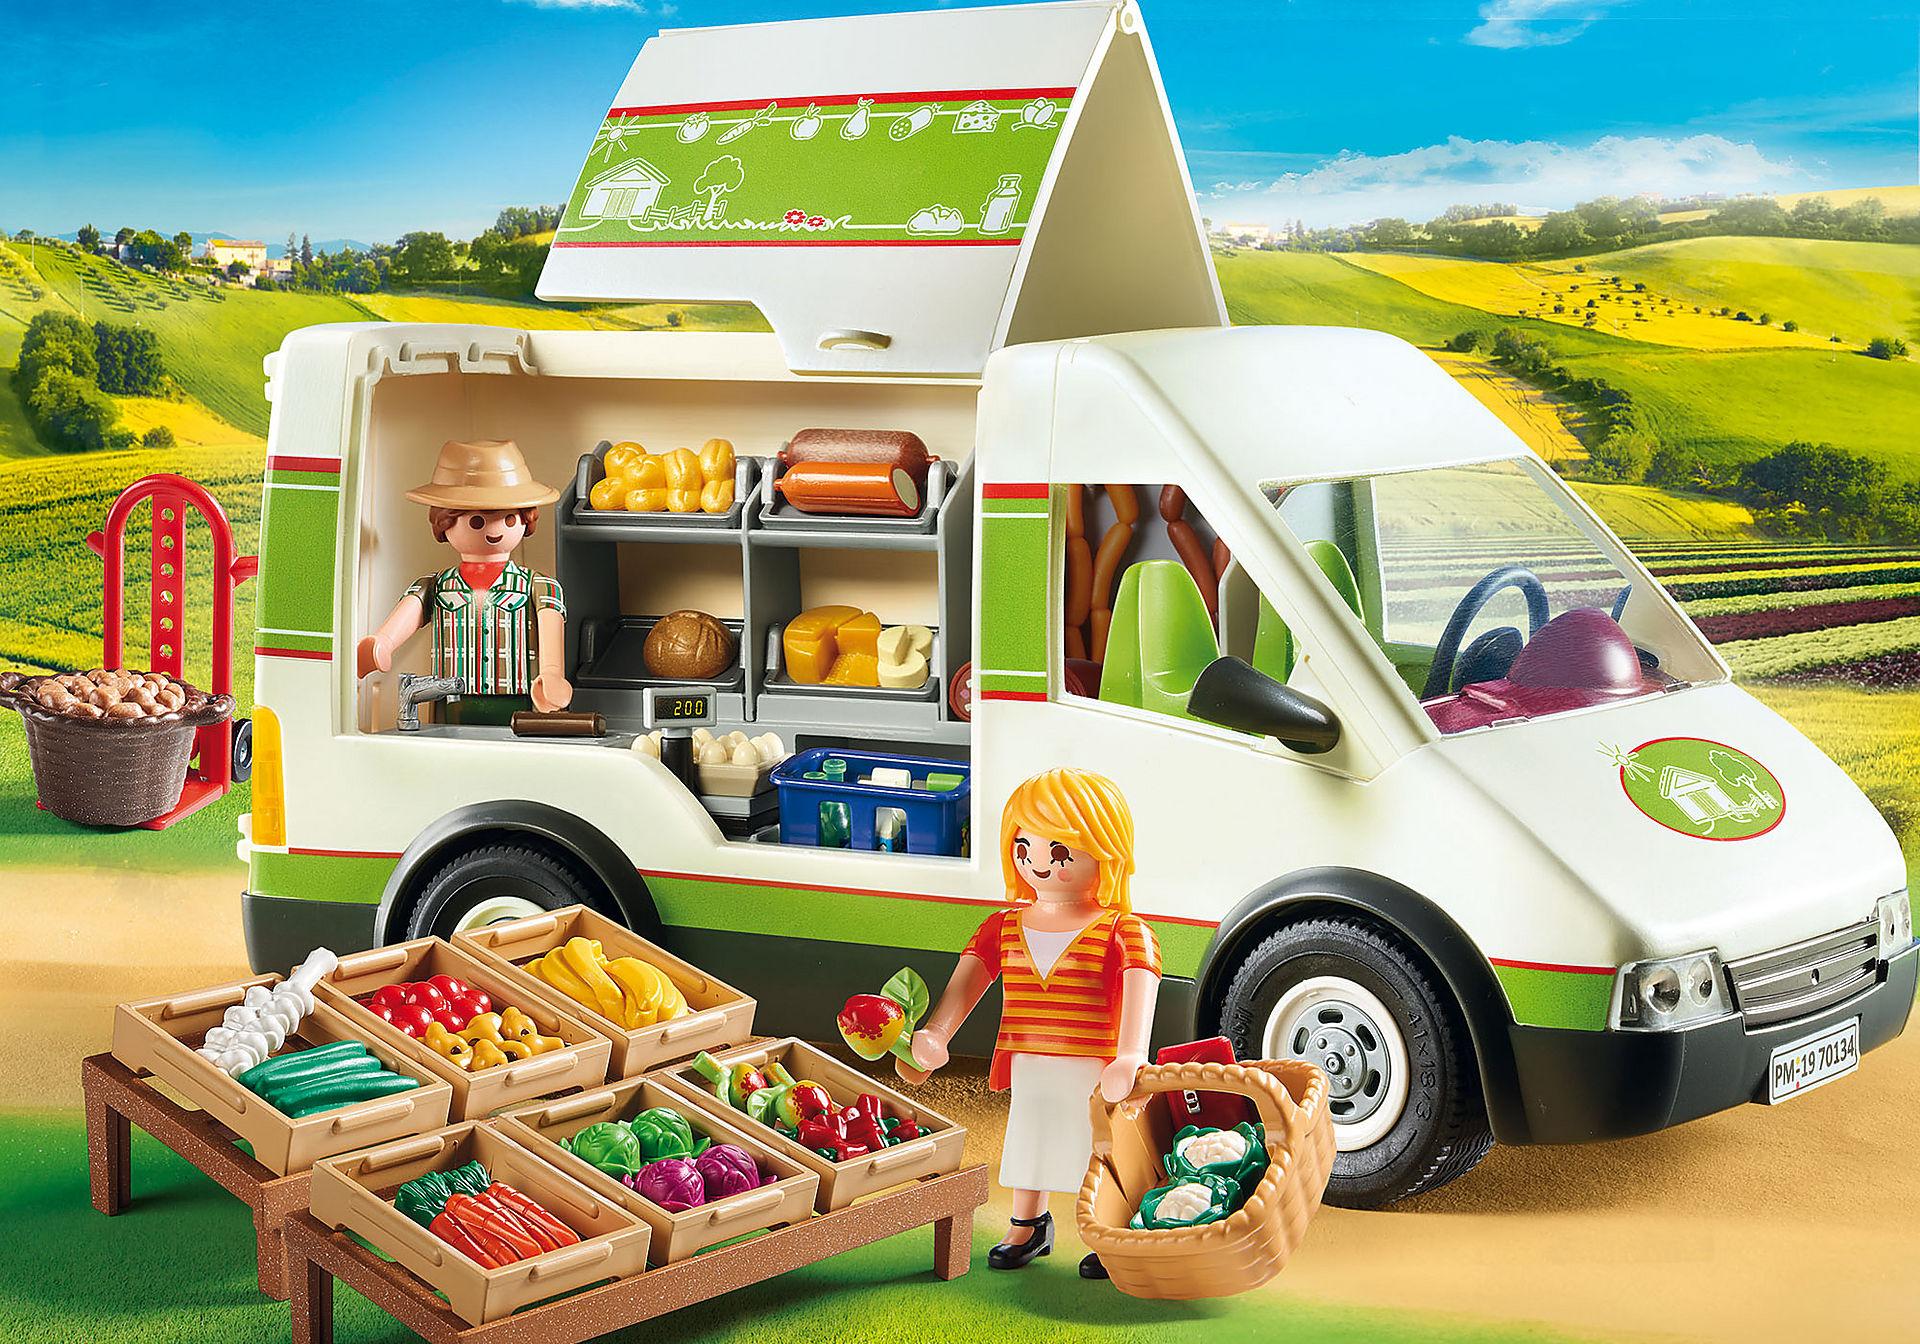 70134 Samochód do sprzedaży owoców i warzyw zoom image1